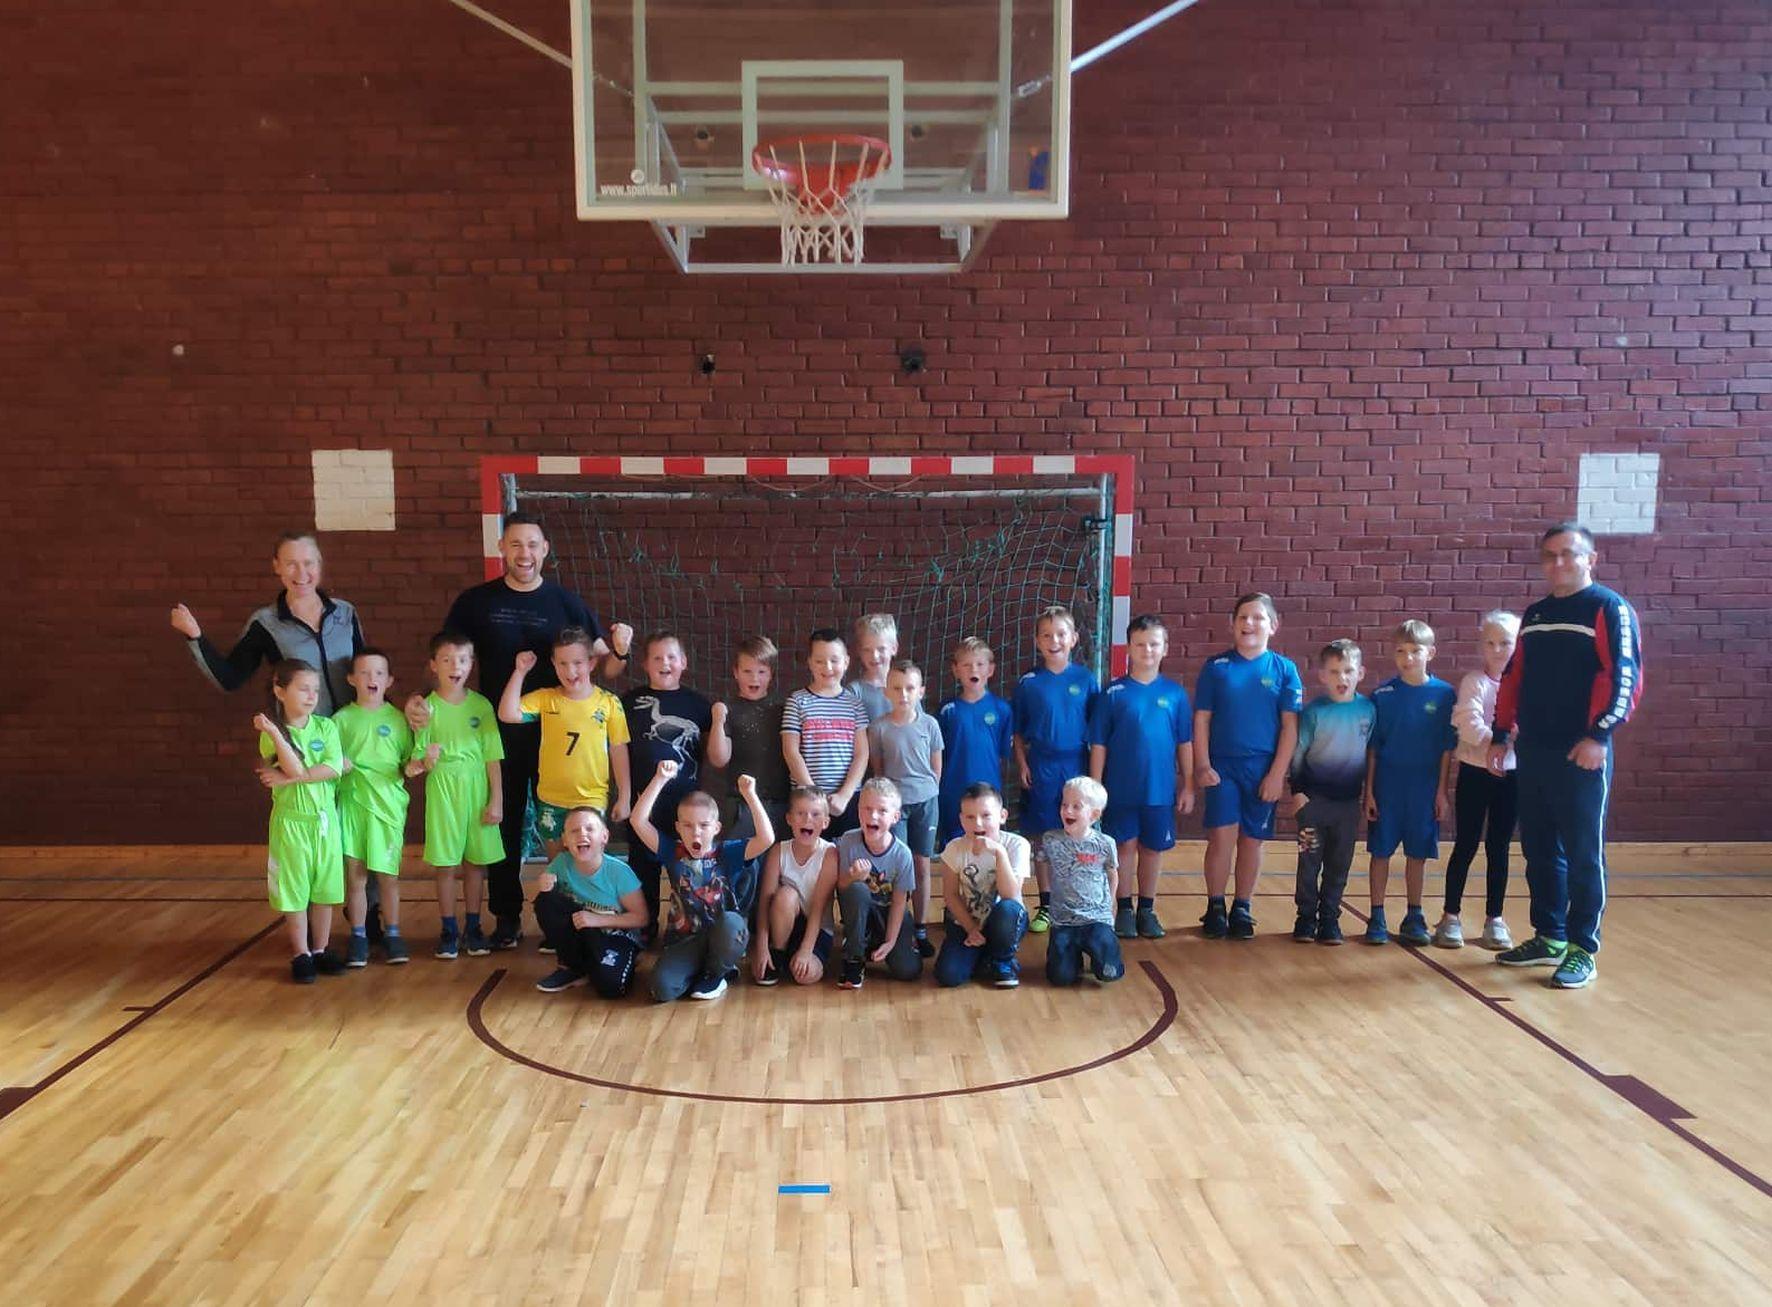 Kaimiškų vietovių vaikų laukia įsimintina vasara - treniruosis su žymiais sportininkais 2